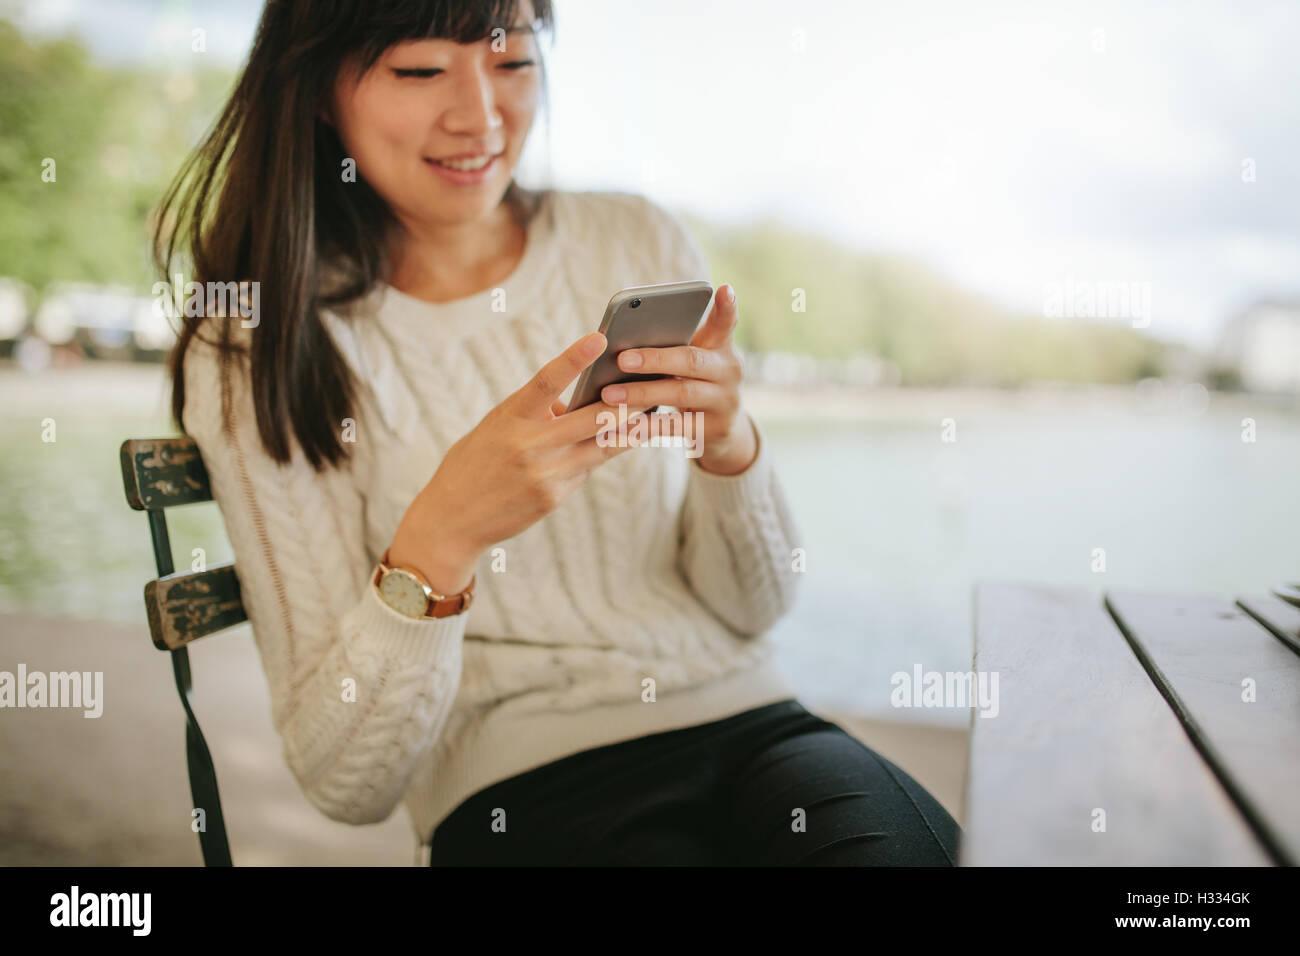 Captura de hembras jóvenes felices a través de teléfono móvil en la cafetería al aire libre. Imagen De Stock